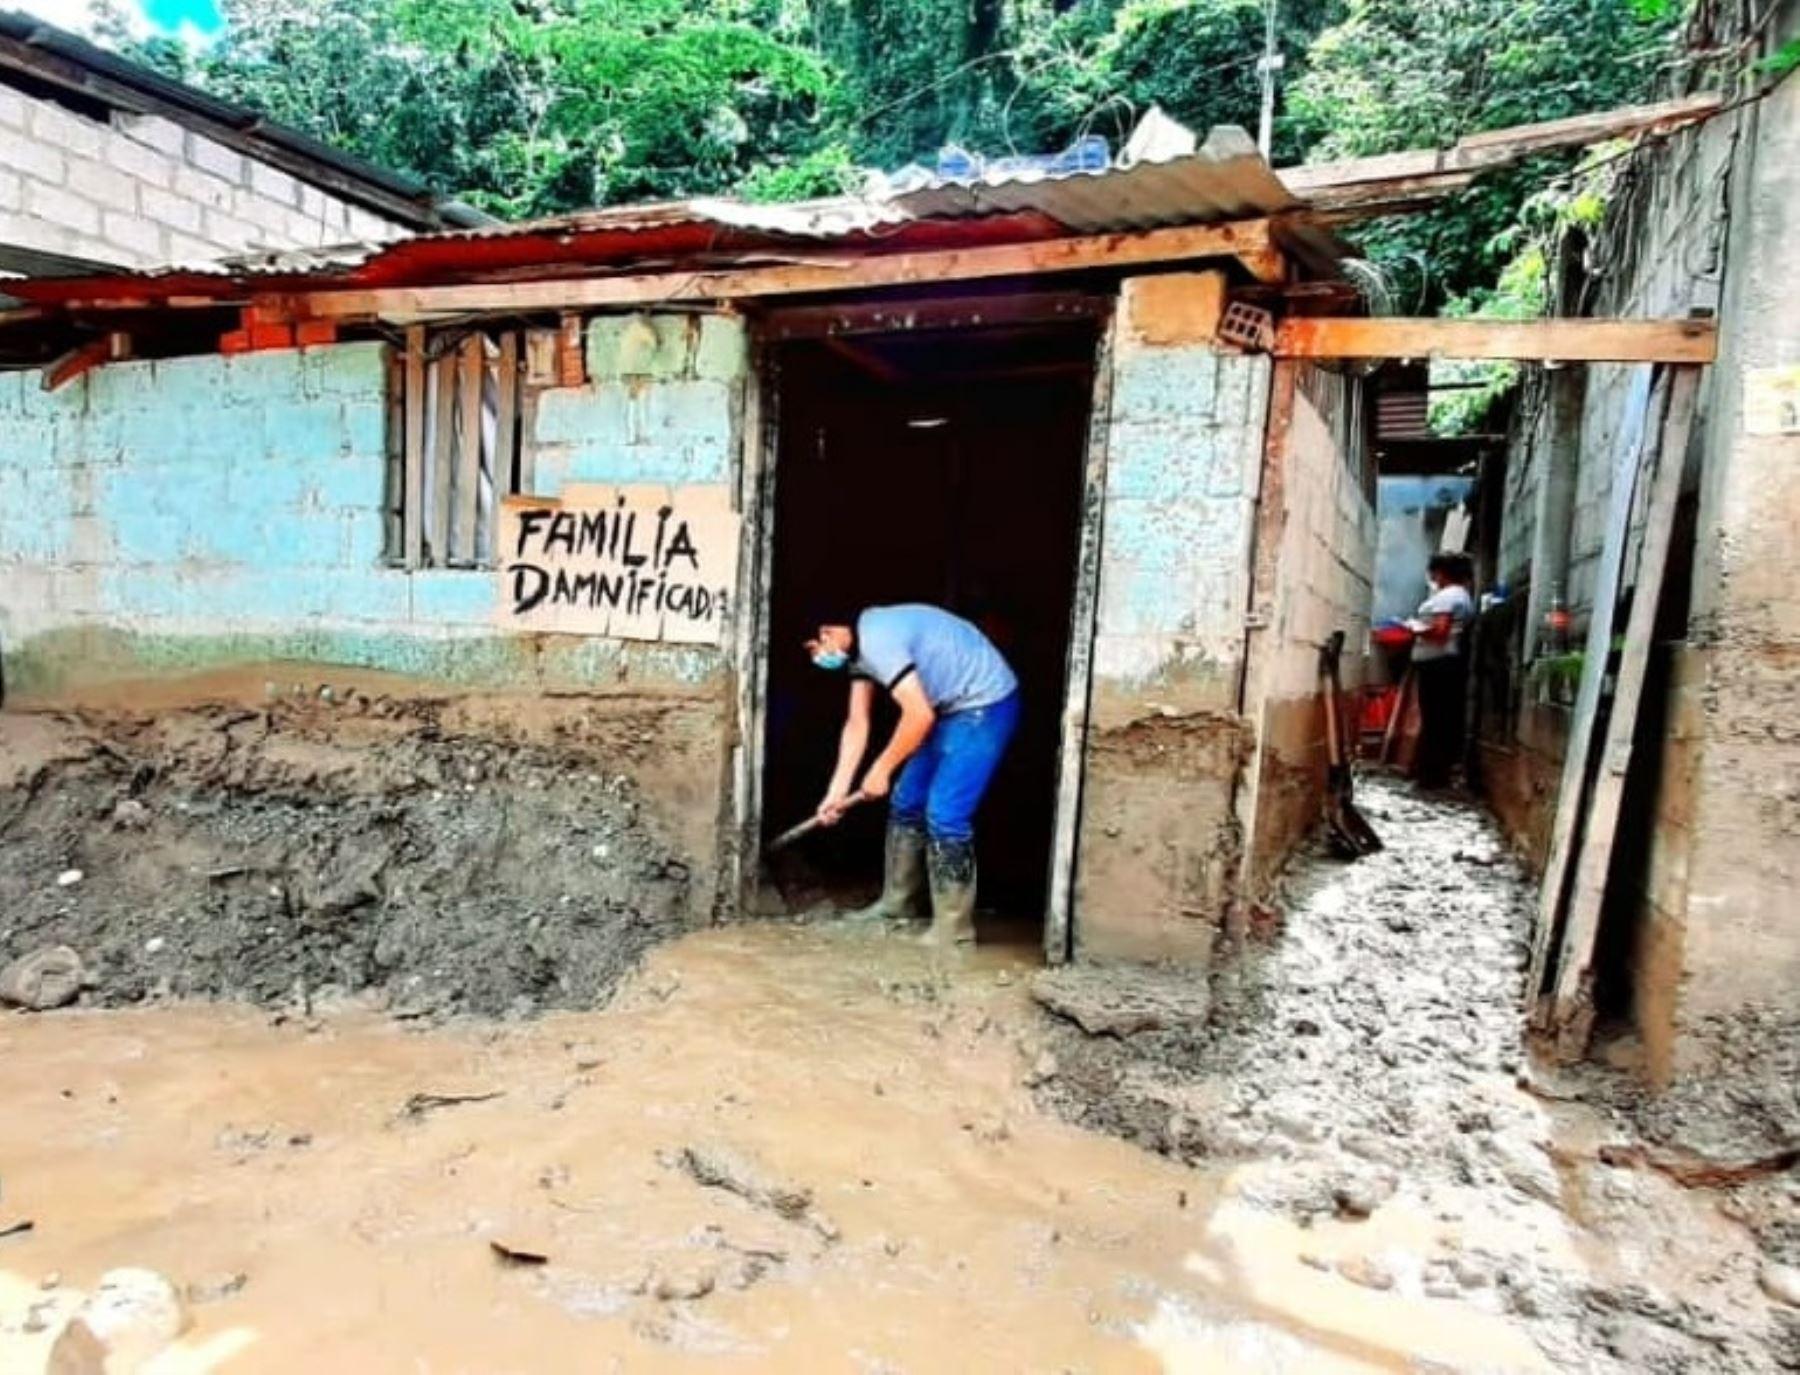 Las lluvias intensas causaron cuantiosos daños en varias viviendas y calles del distrito de San Ramón, provincia de Chanchamayo, en Junín.